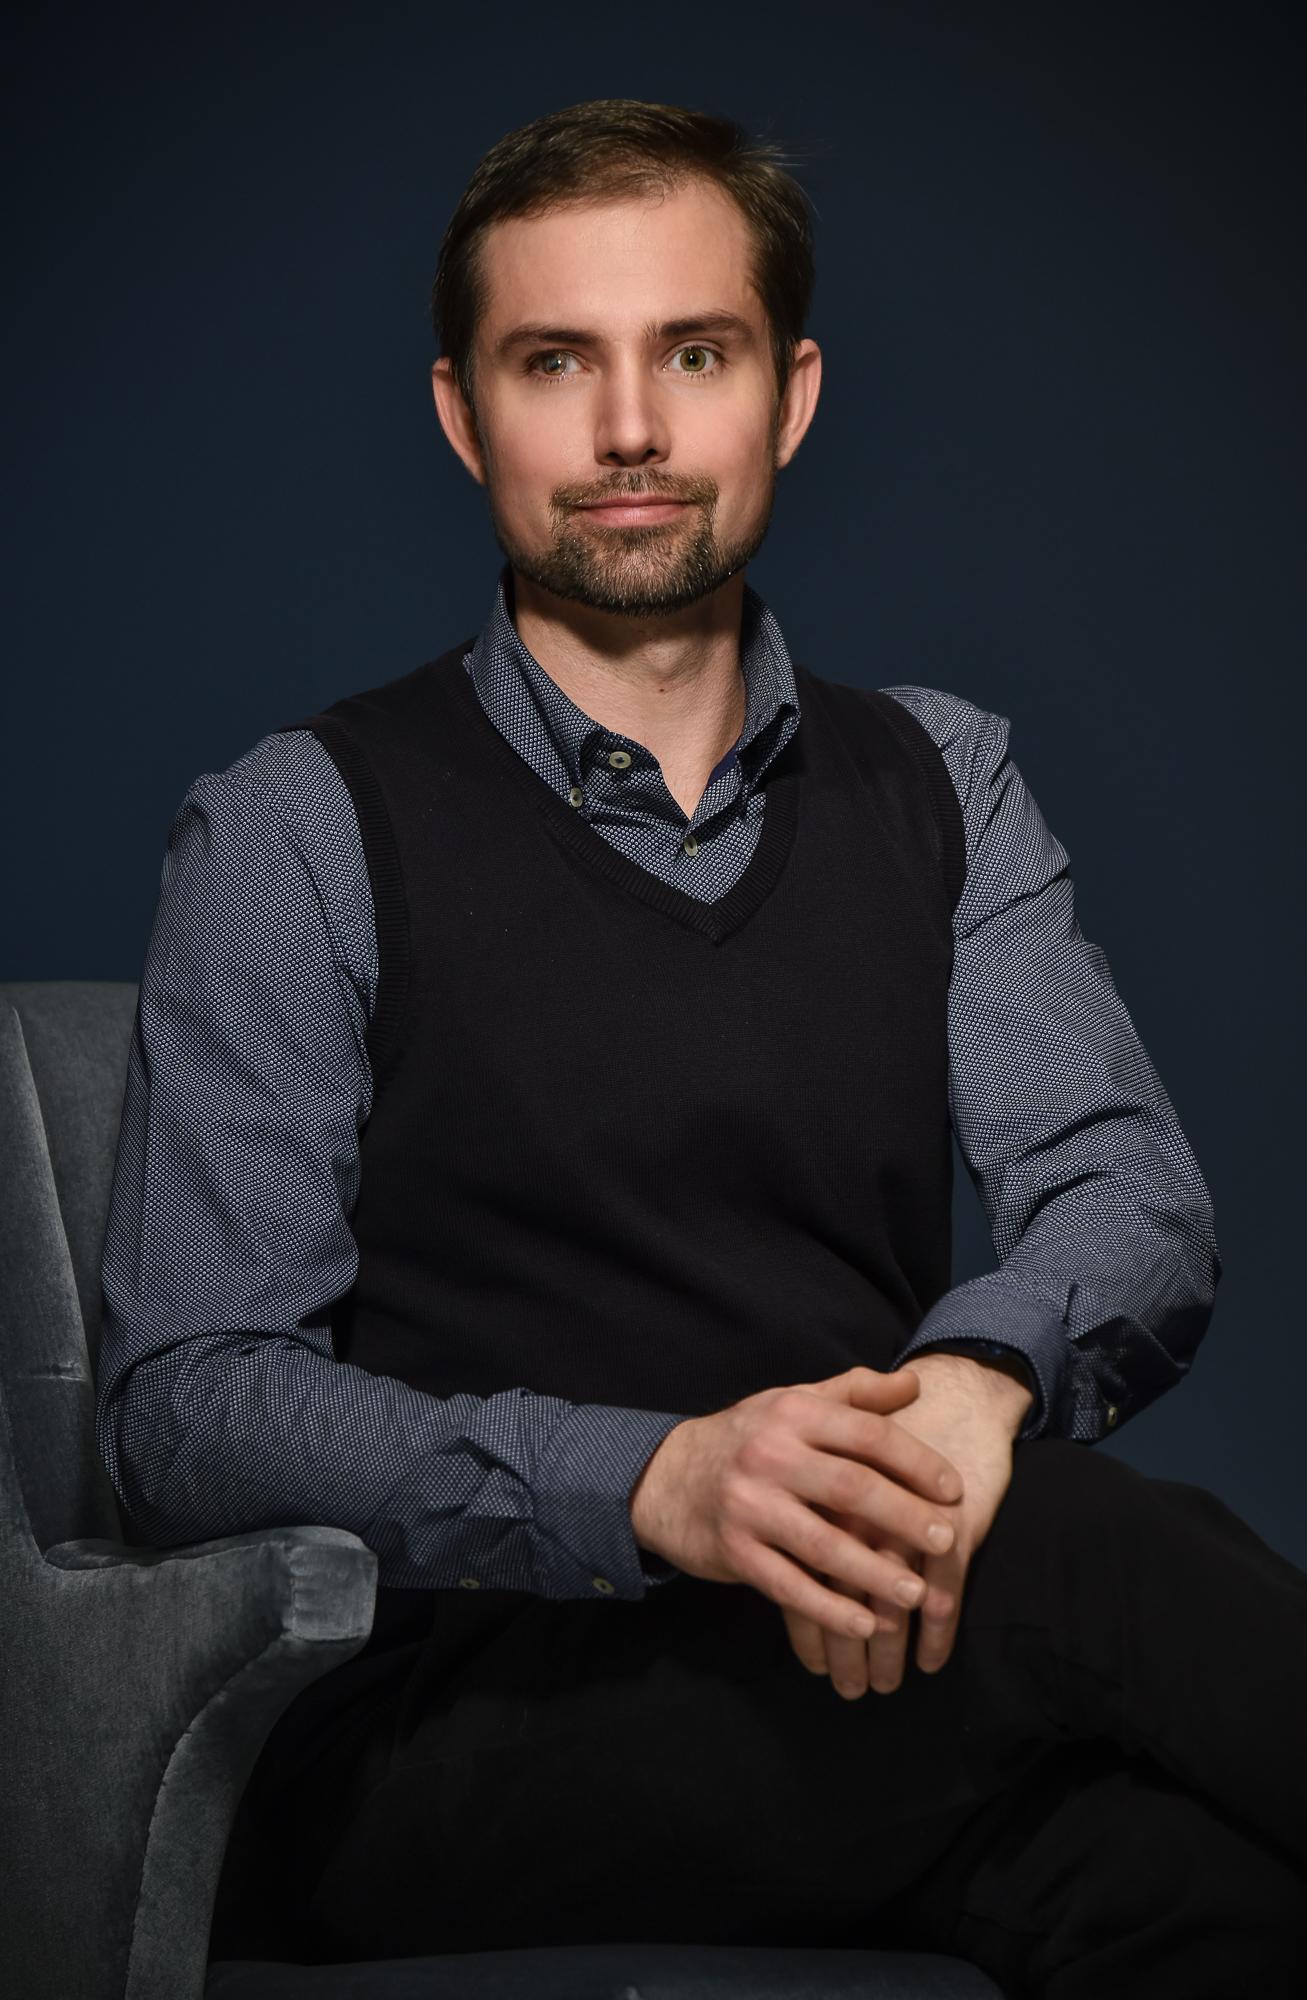 Pavel Valenta